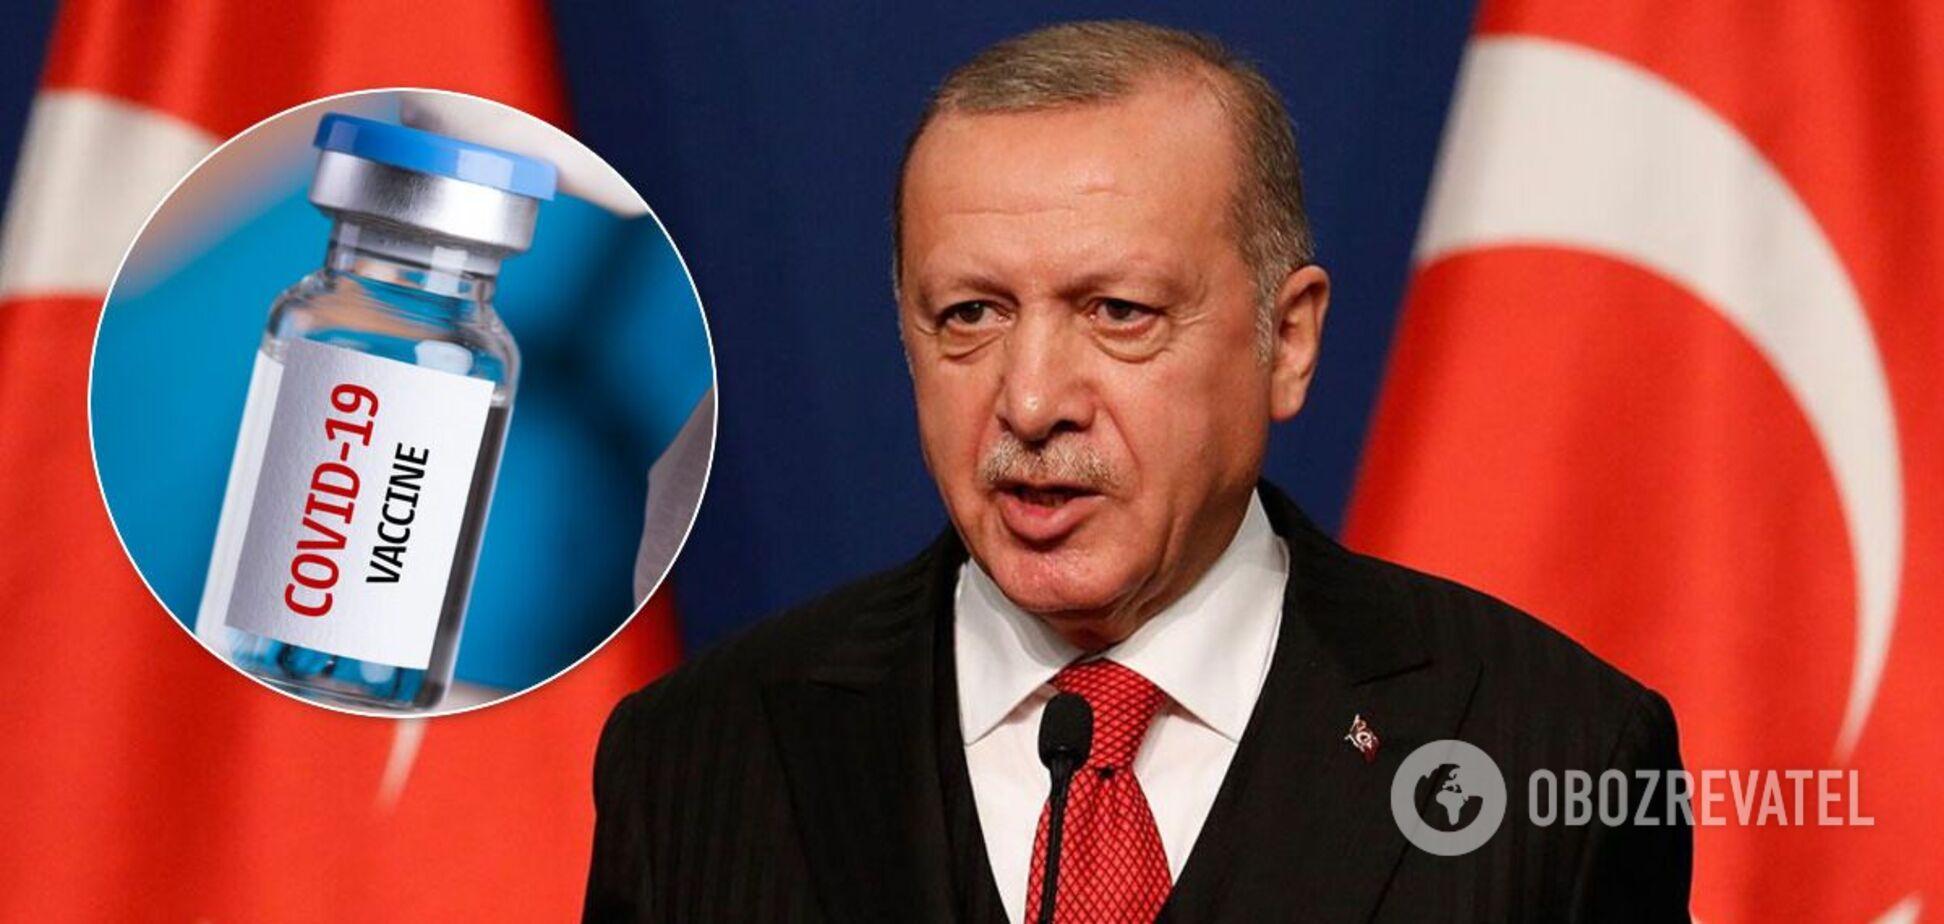 Эрдоган пообещал вакцину от COVID-19 всему миру